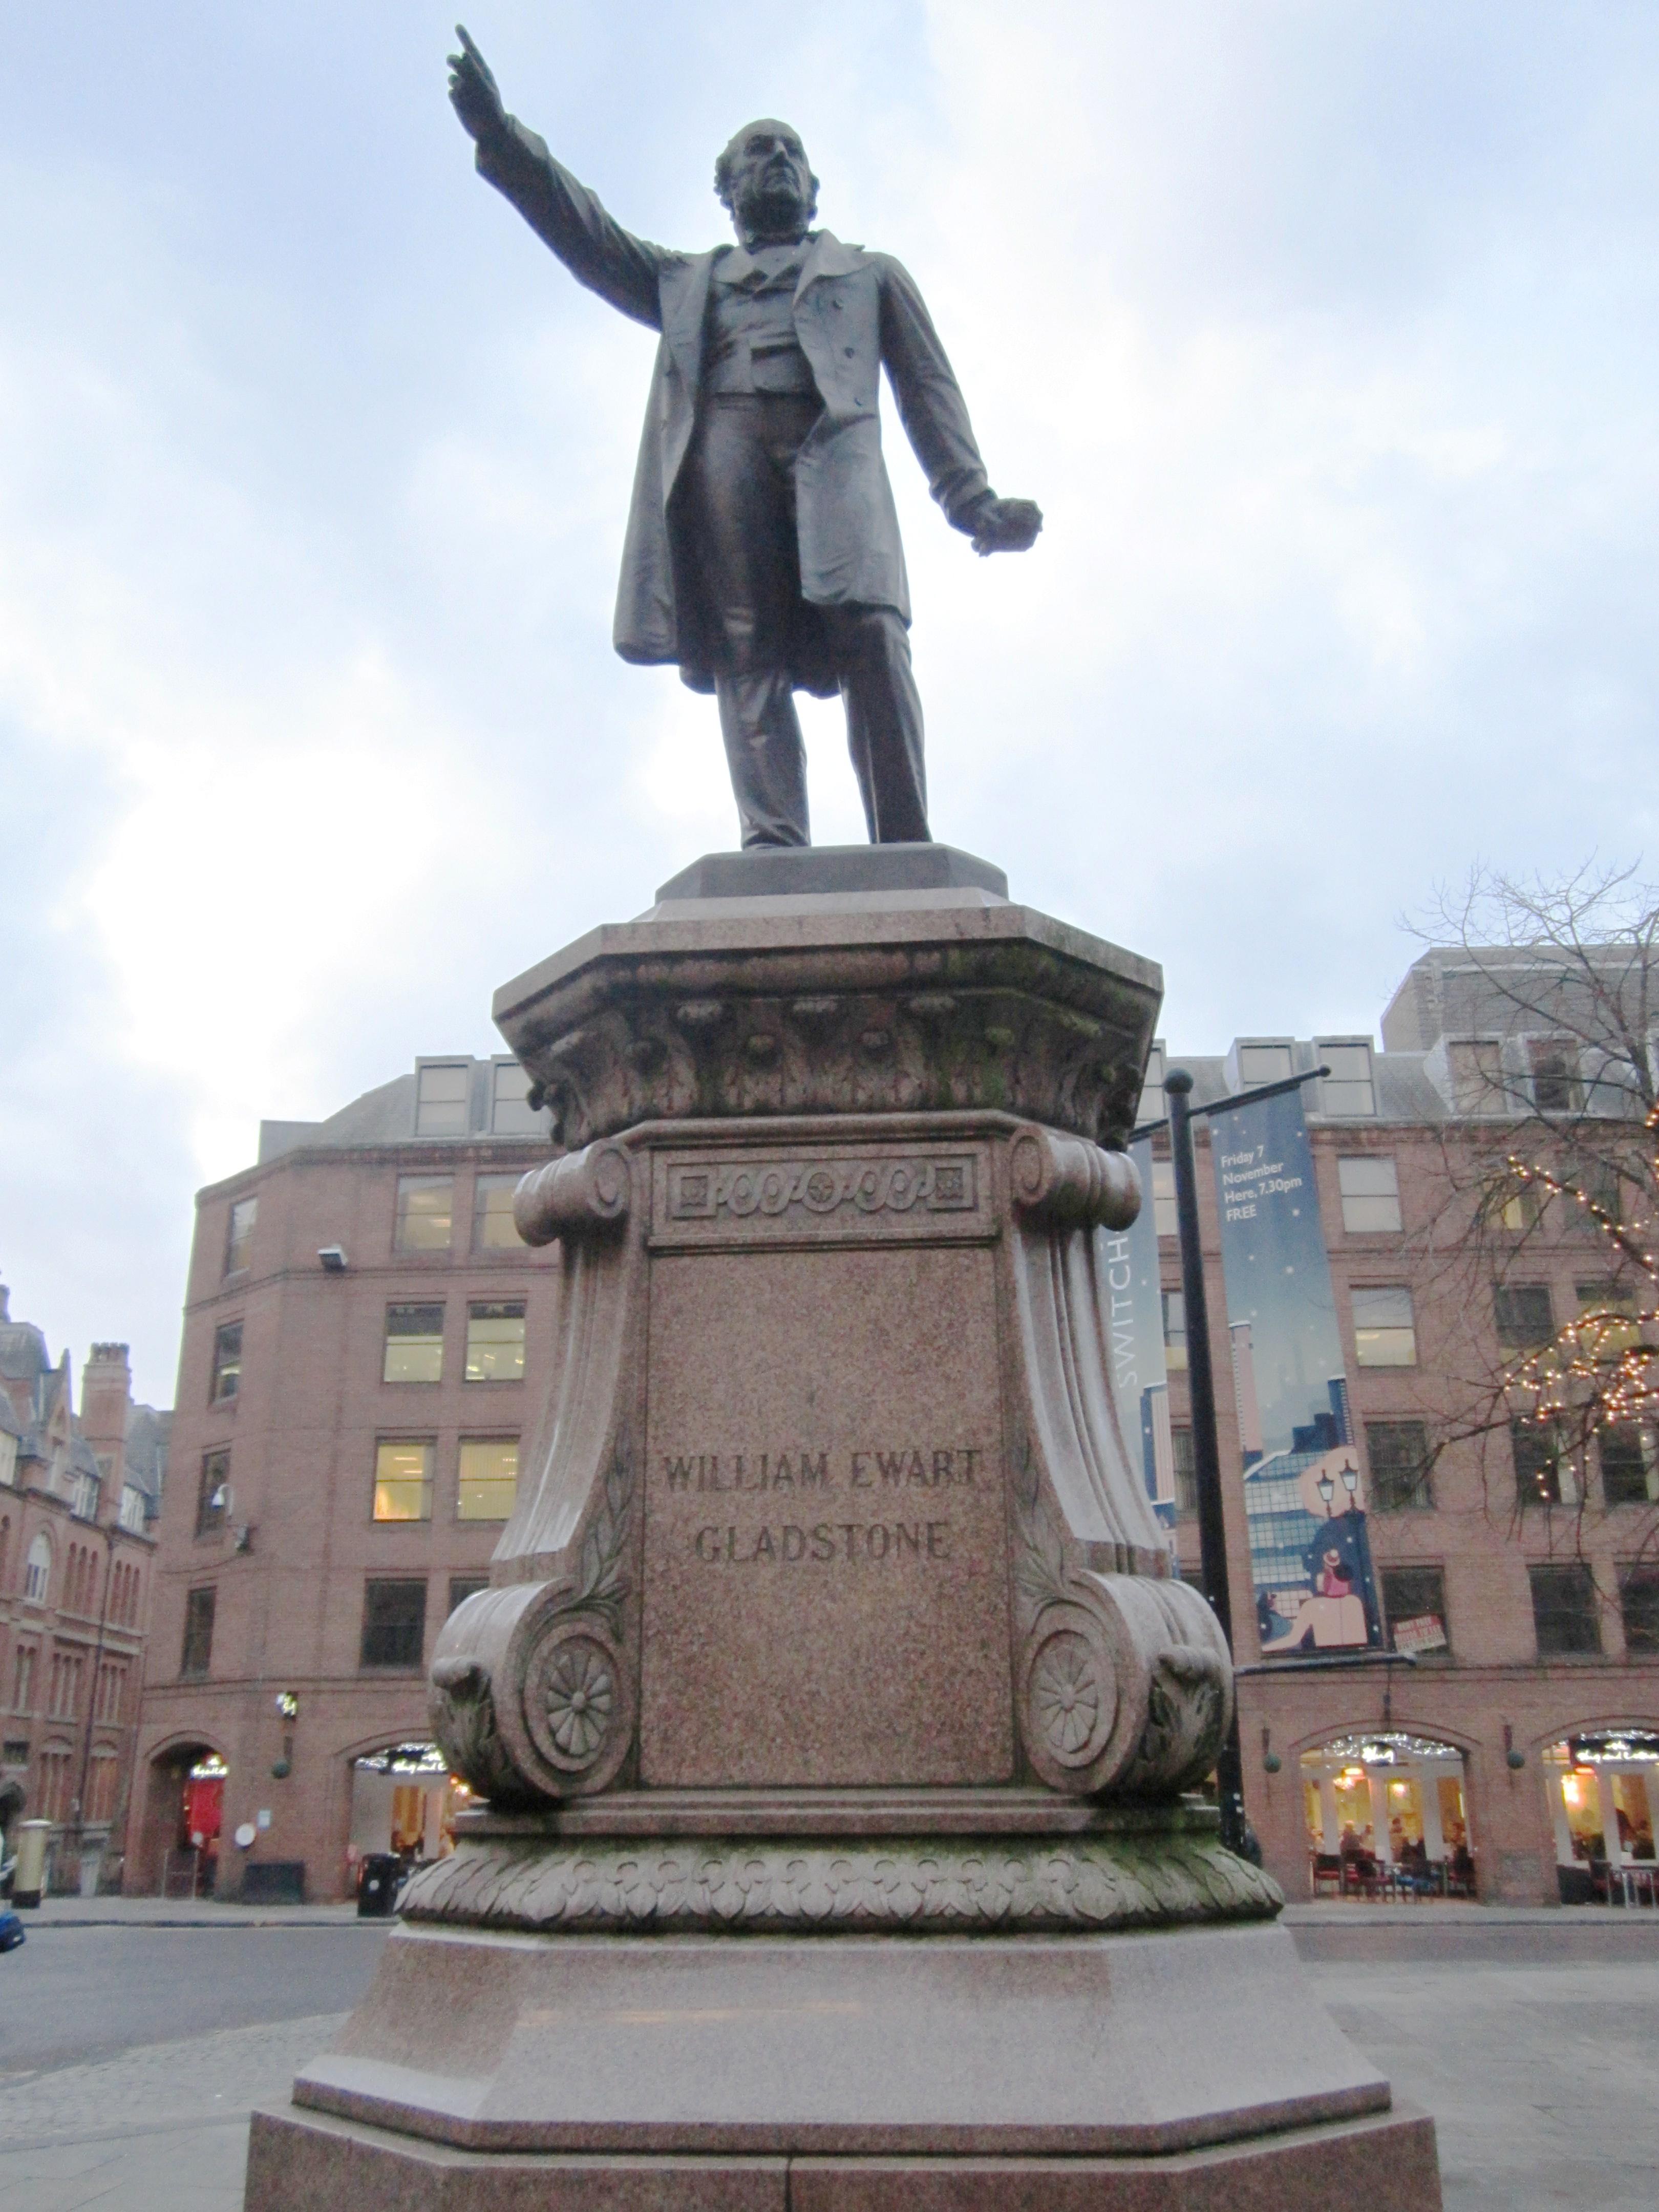 Filewilliam ewart gladstone statue albert square manchester 1 filewilliam ewart gladstone statue albert square manchester 1g sciox Choice Image